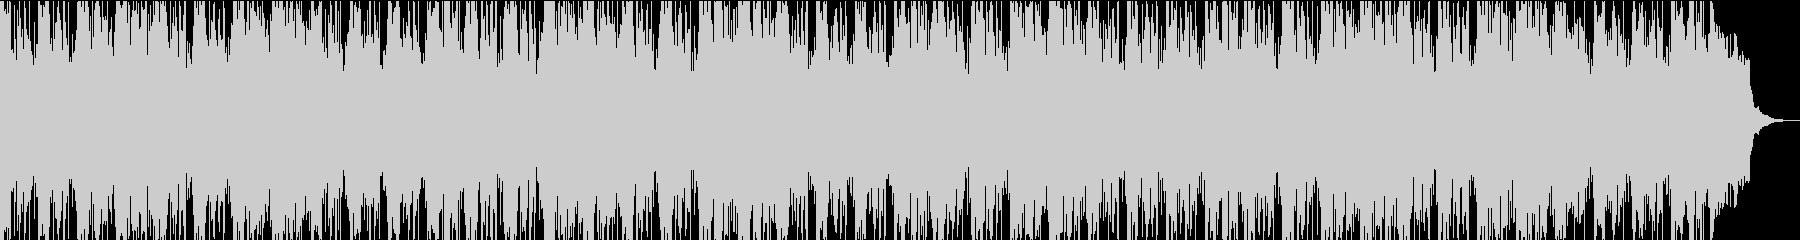 お洒落なミディアムテクノポップBGMの未再生の波形